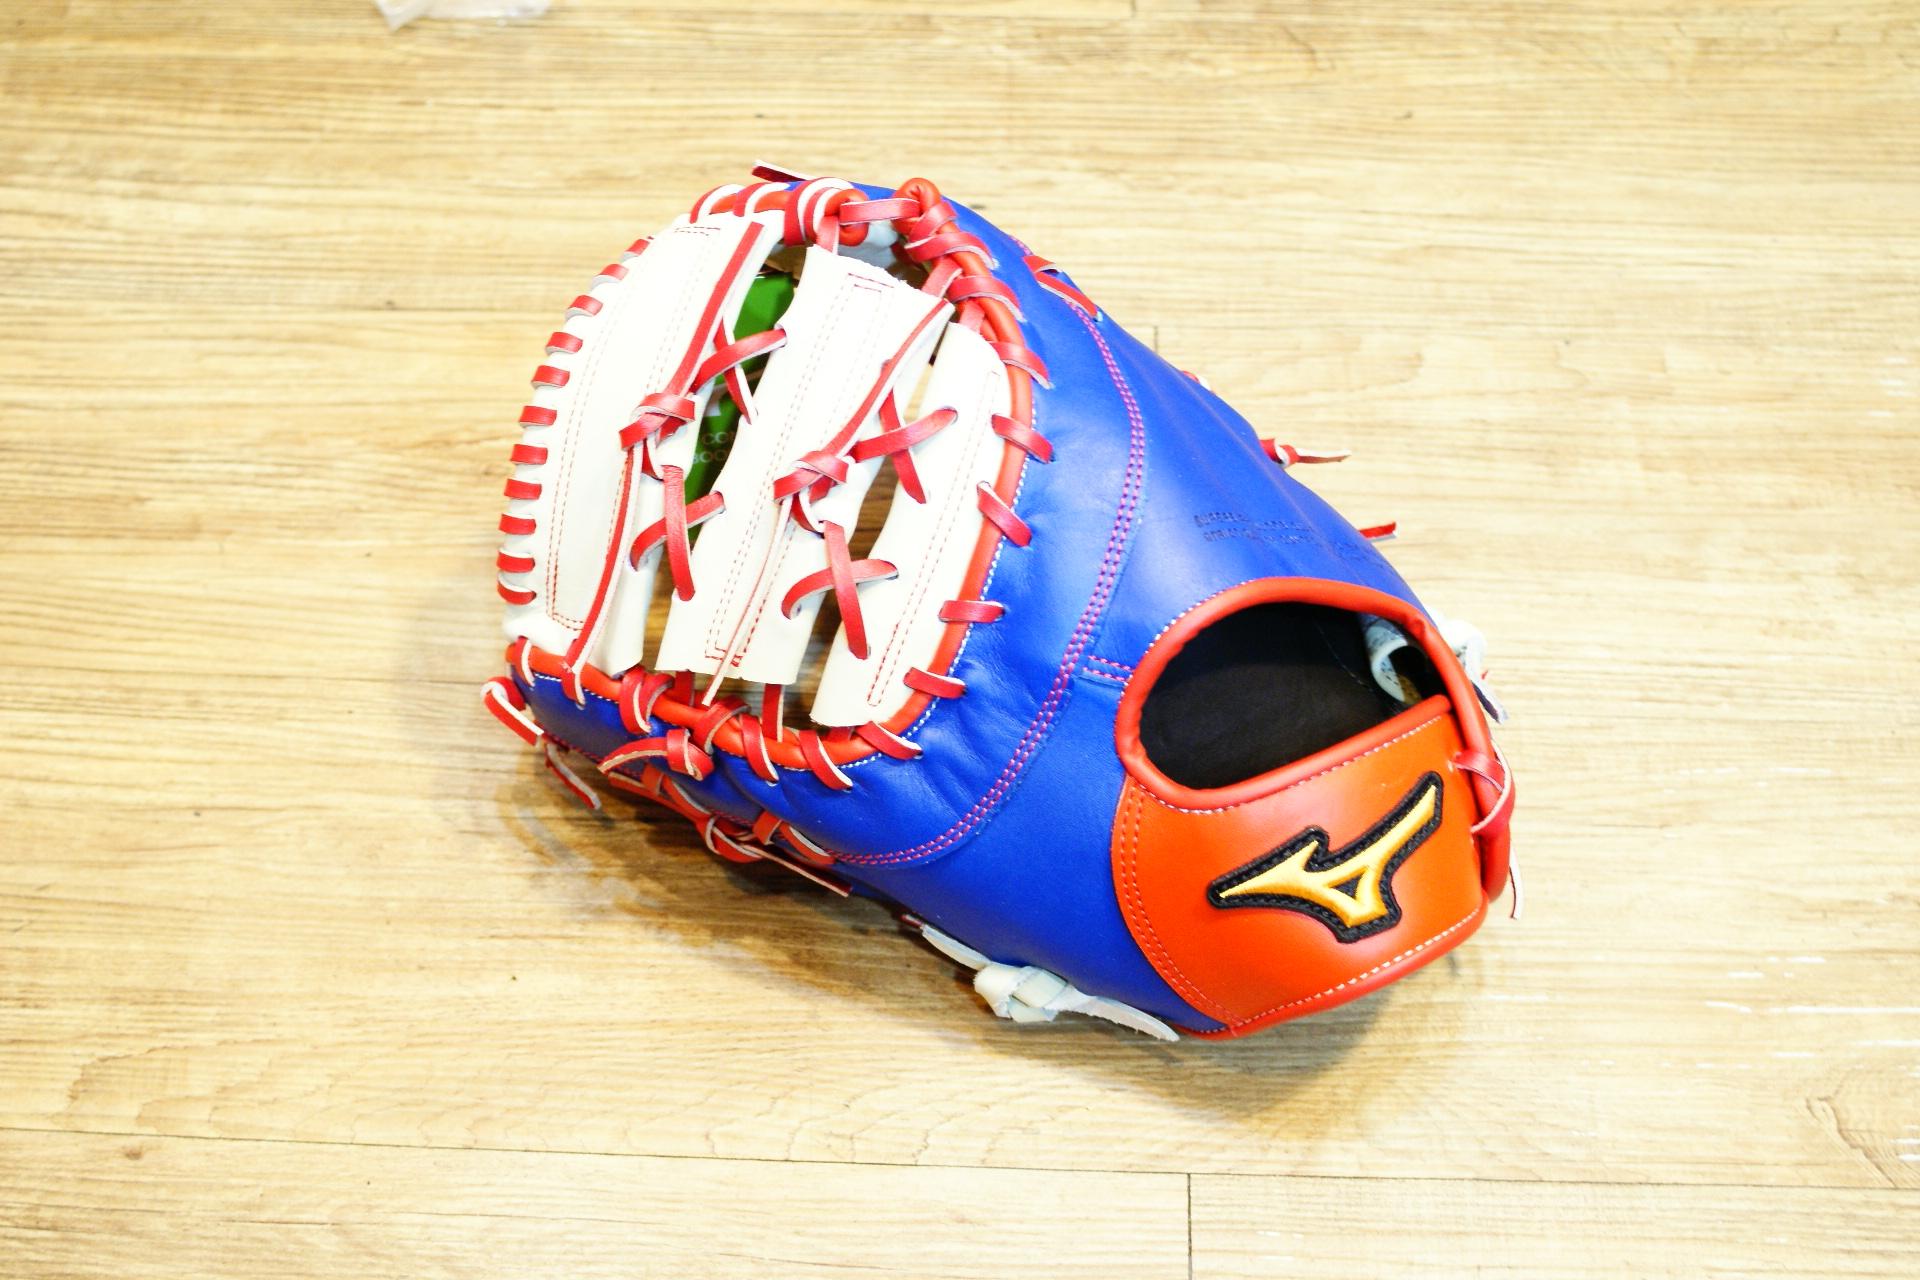 棒球世界 Mizuno美津濃 deep hollow硬式手套 1ATFH50400 特價 棒球用一壘手 中華隊配色